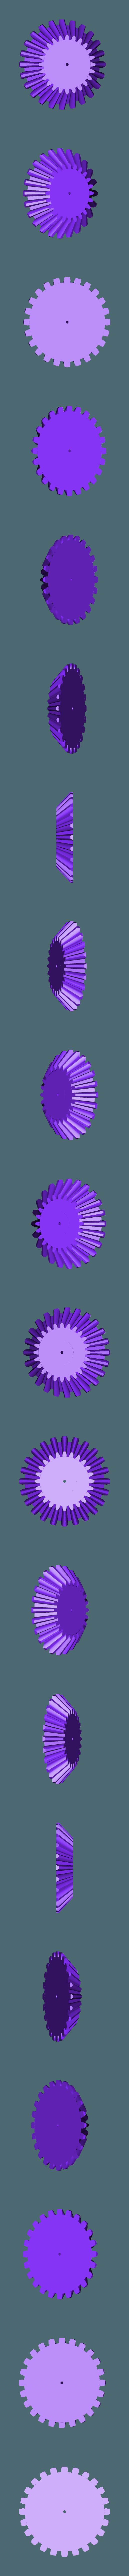 transmission_input_beval_gear.stl Télécharger fichier STL gratuit Transmission à engrenages coniques • Modèle à imprimer en 3D, matthewdwulff